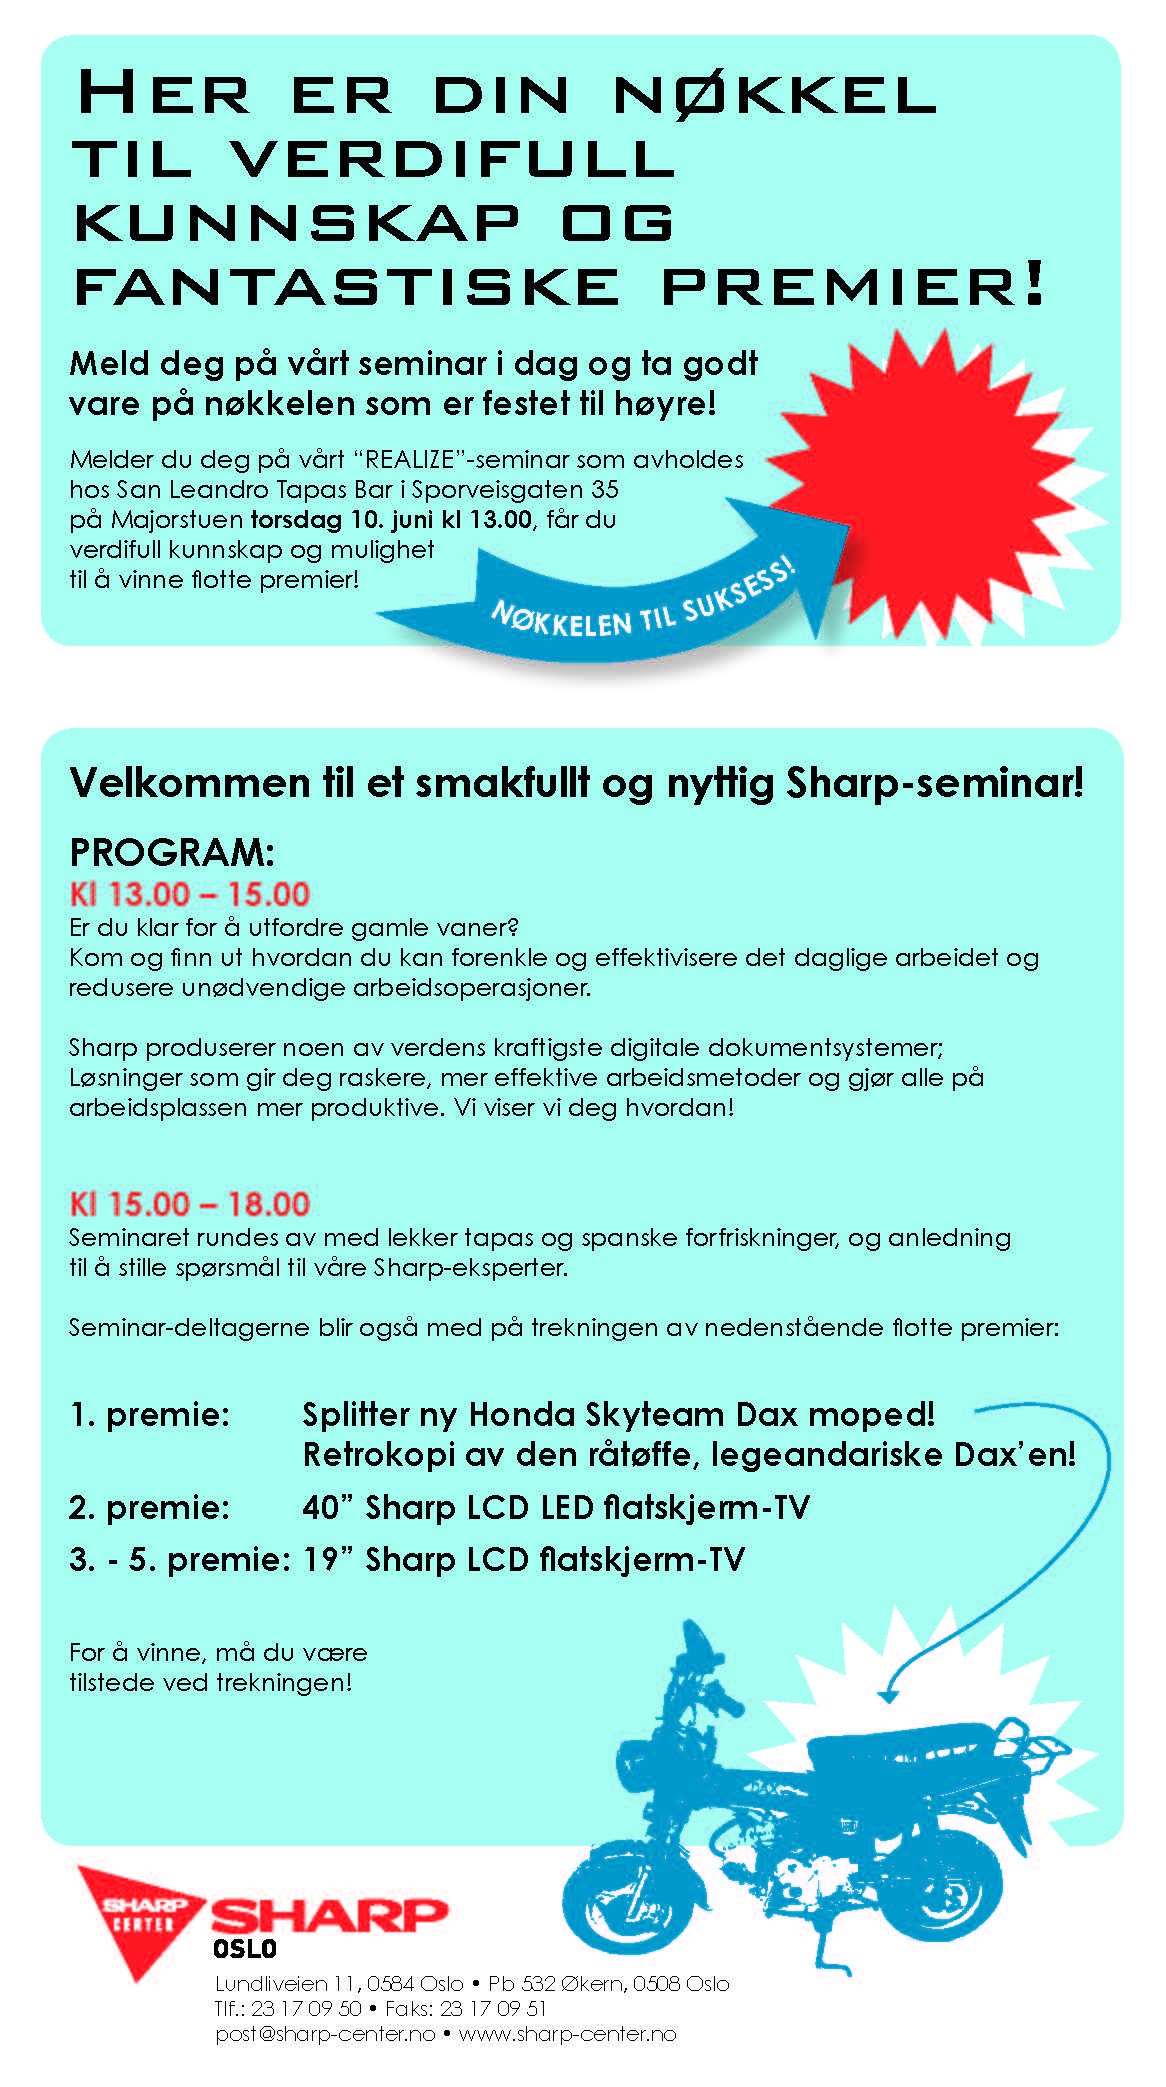 Invitasjon til seminar/event